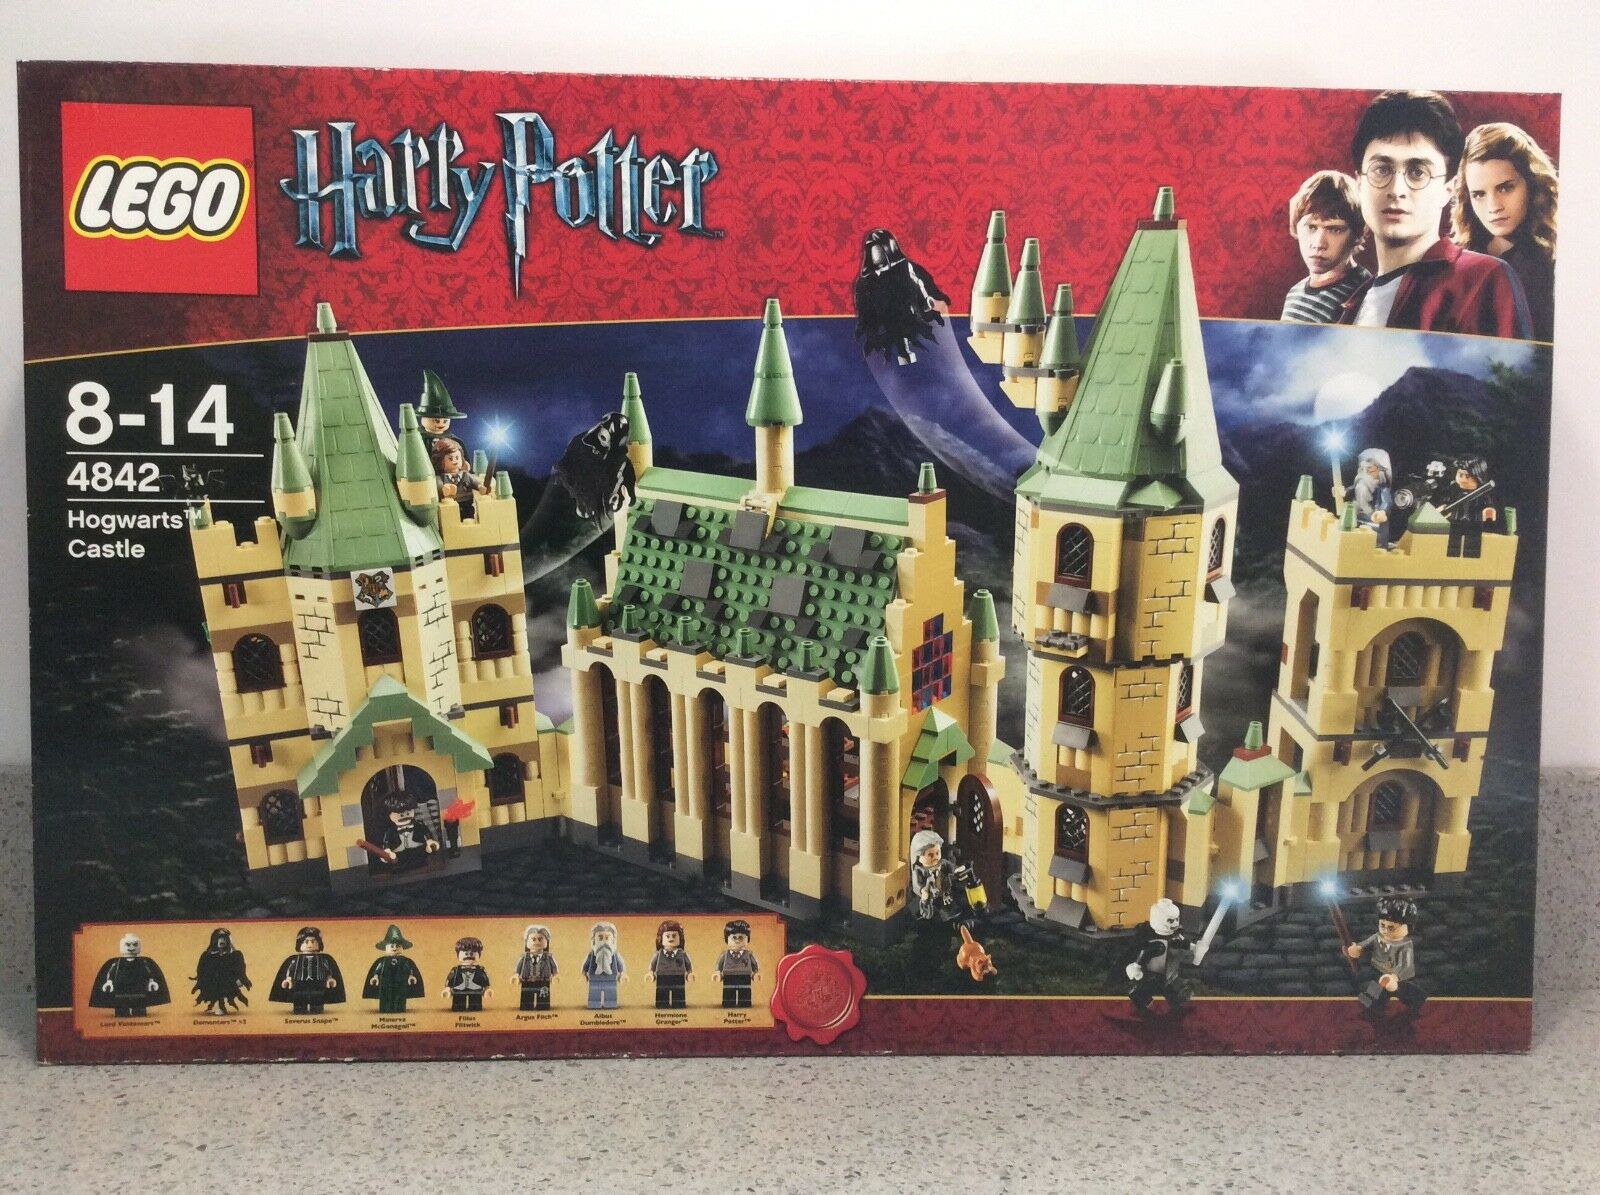 Lego HARRY POTTER  4842  Hogwarts Castle - BRAND nouveau & SEALED  nouvelle marque